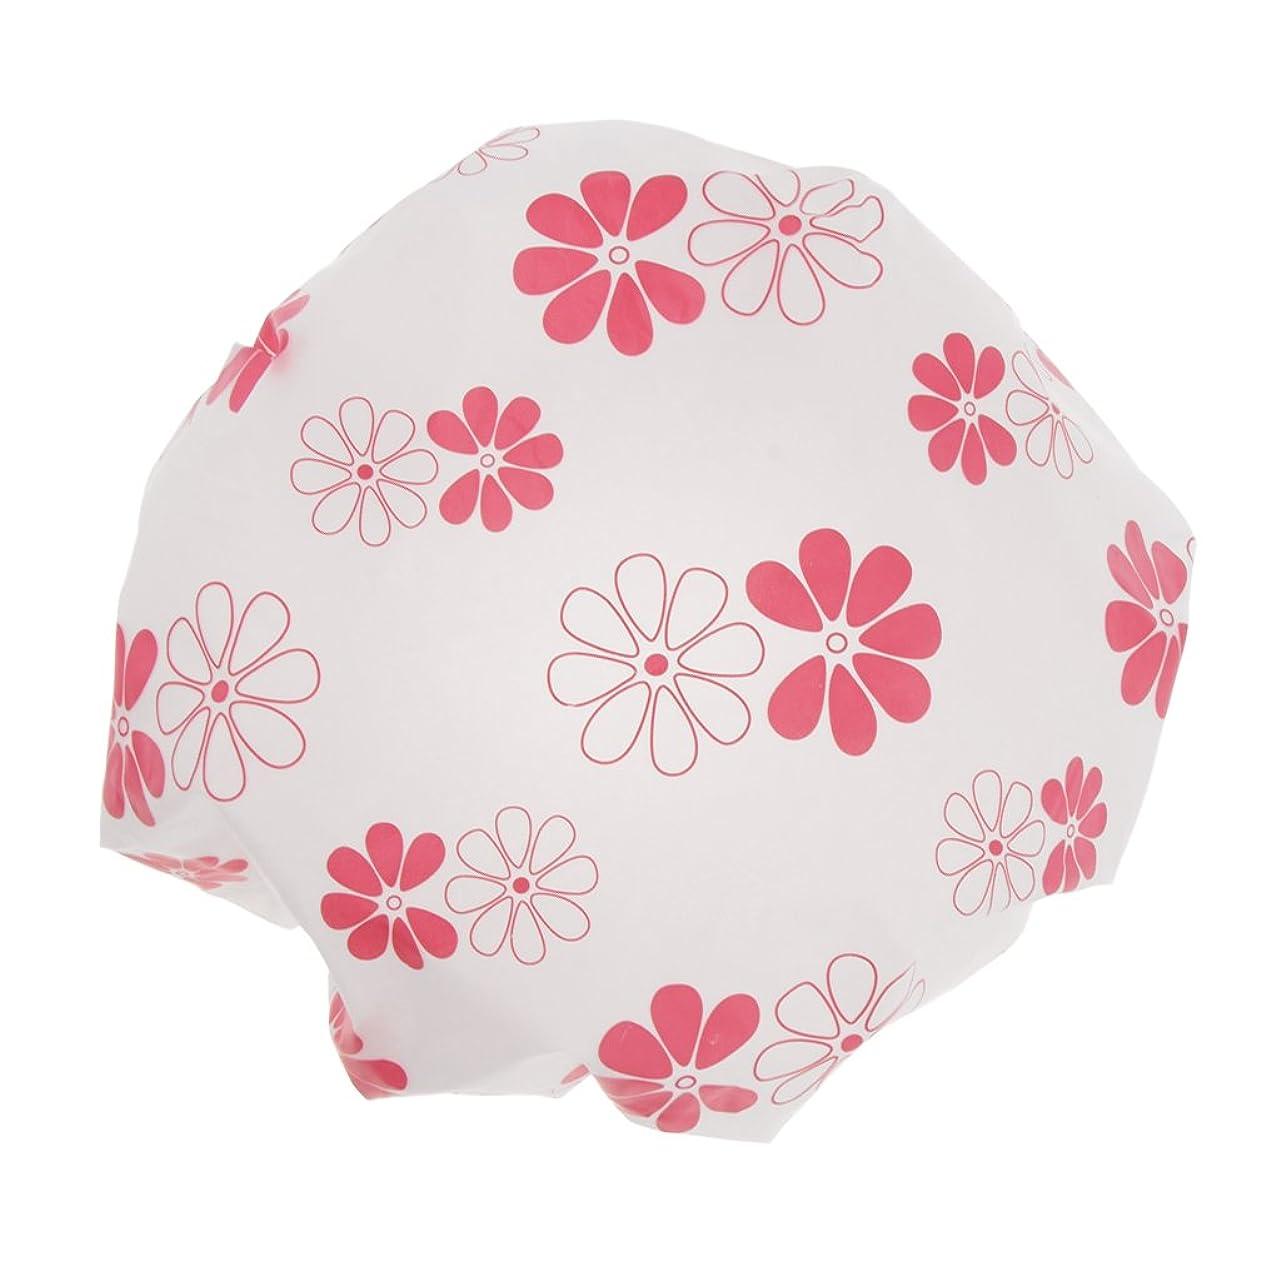 受ける昼間溶融全3色 シャワーキャップ 可愛い ヘアキャップ 防水帽 入浴キャップ 帽子 お風呂 シャワー 弾性 再使用可 - ピンク